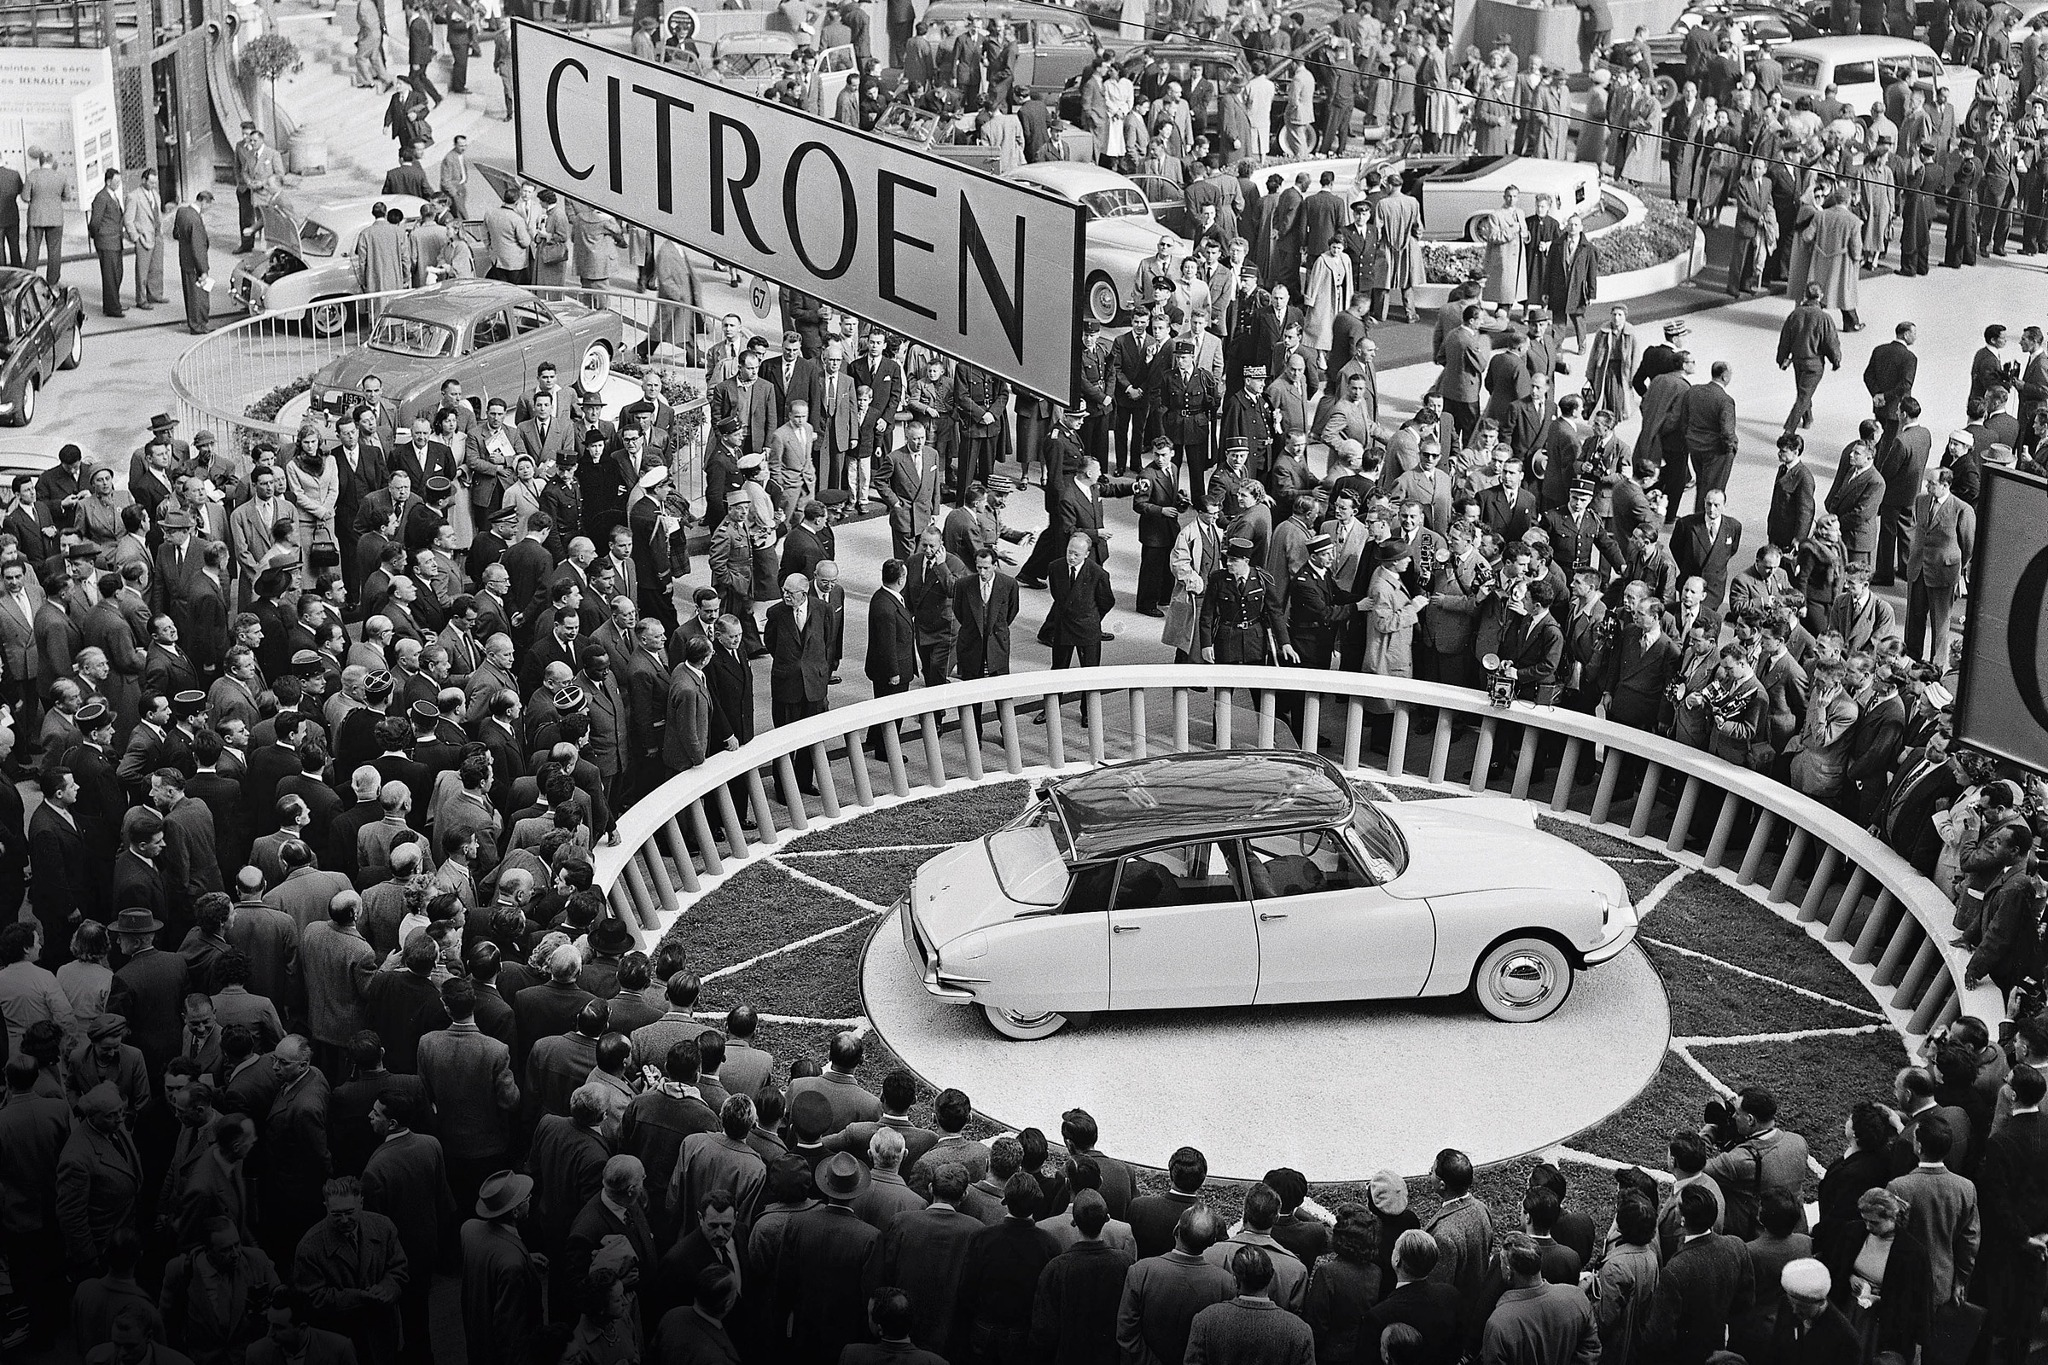 Citroën DS Paris Motor Show